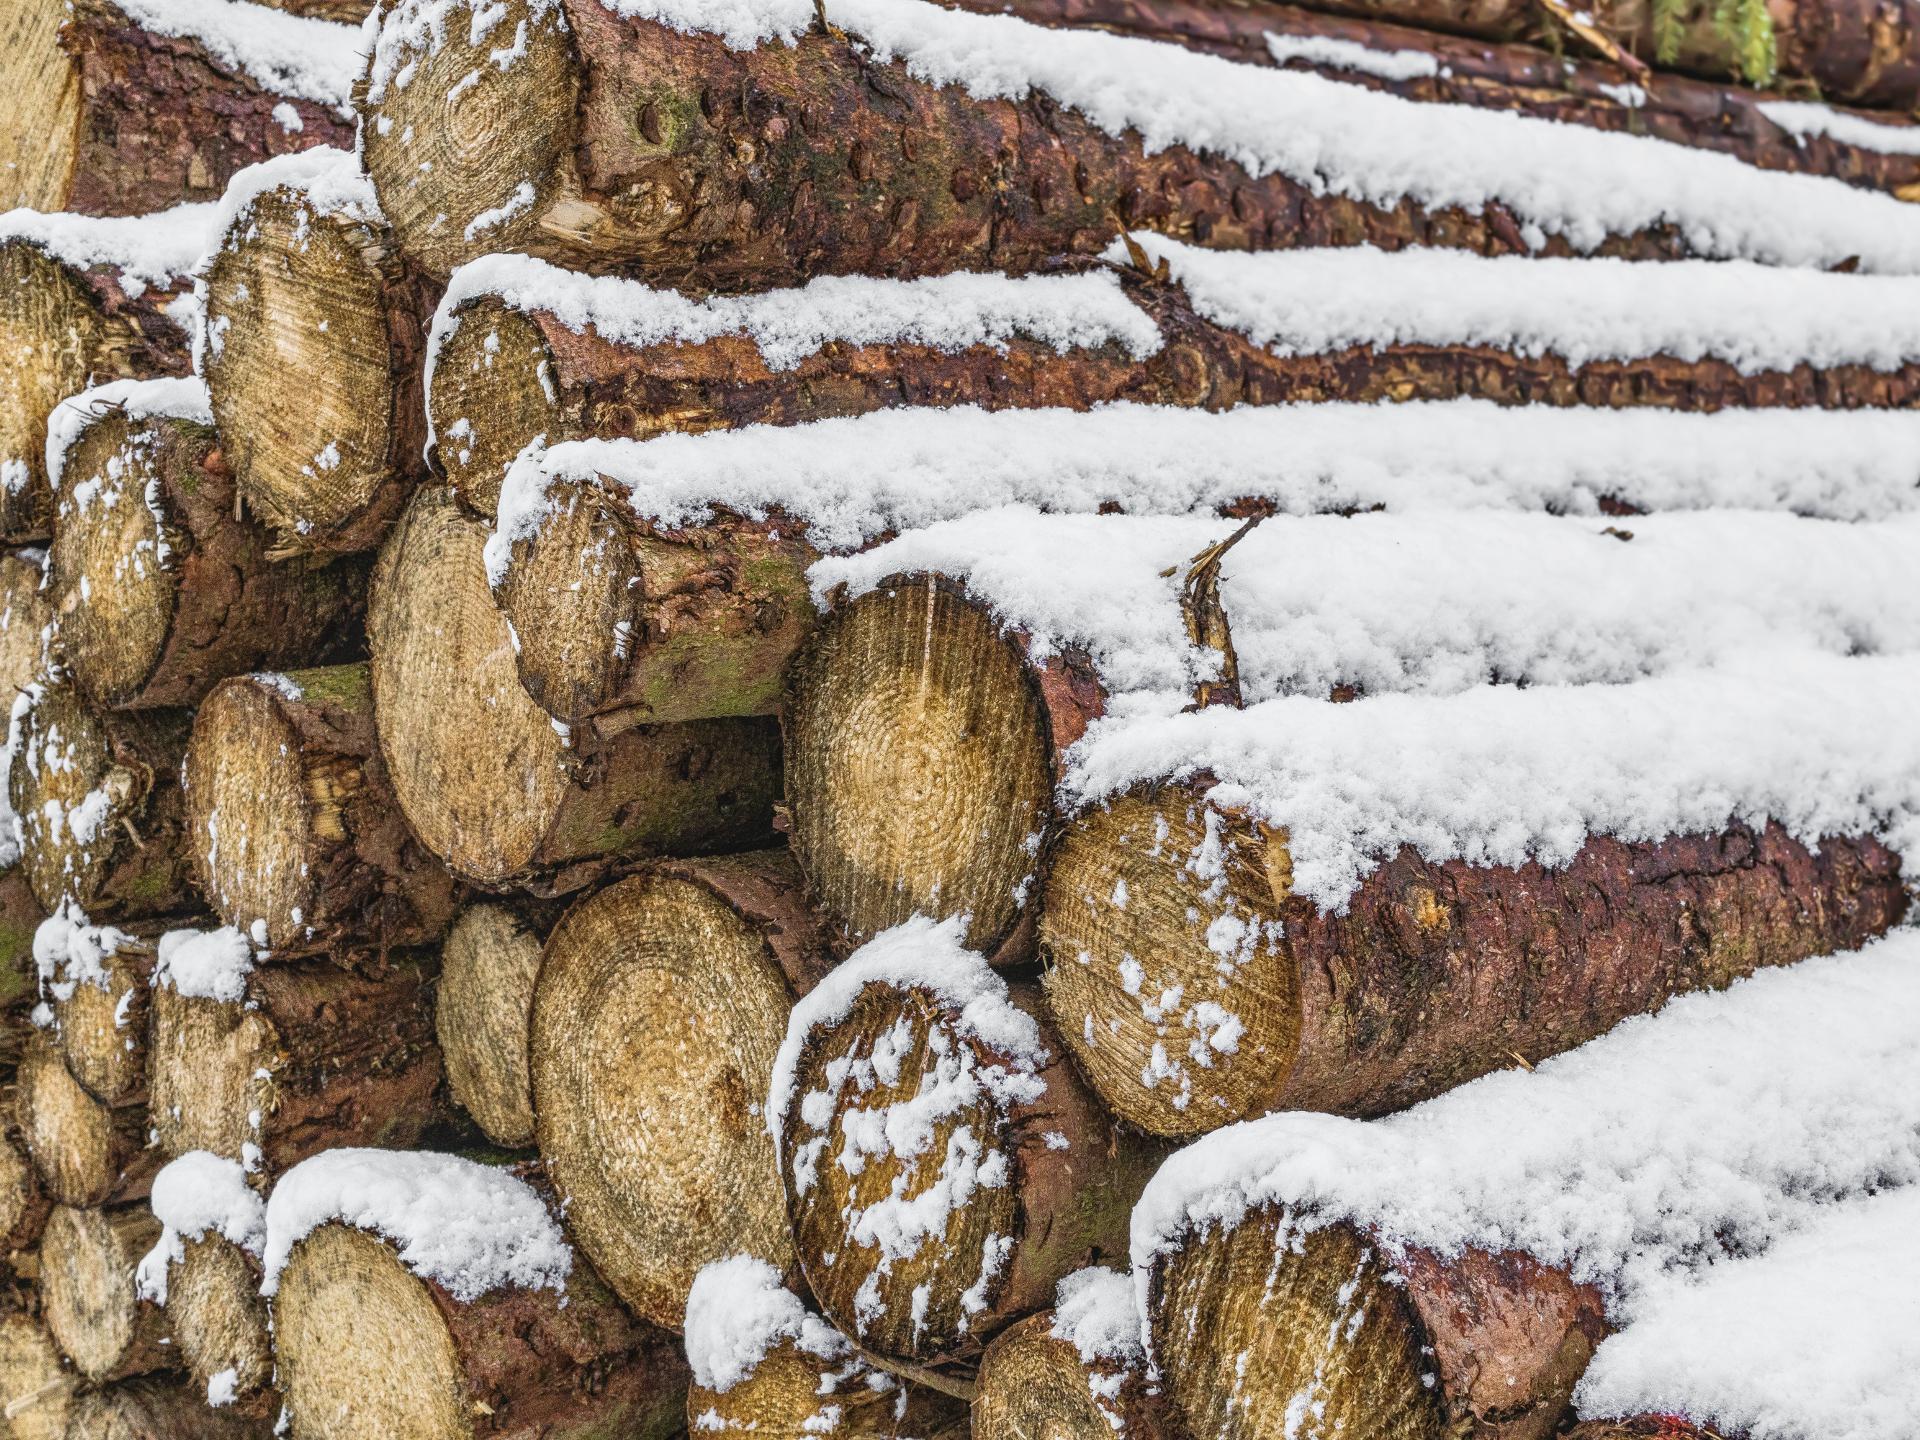 Nach dem Fällen der Bäume müssen sie noch längere Zeit gelagert werden, bevor sie zum Bauen oder Verheizen verwendet werden können. - Photocredit: pixabay.com/O12